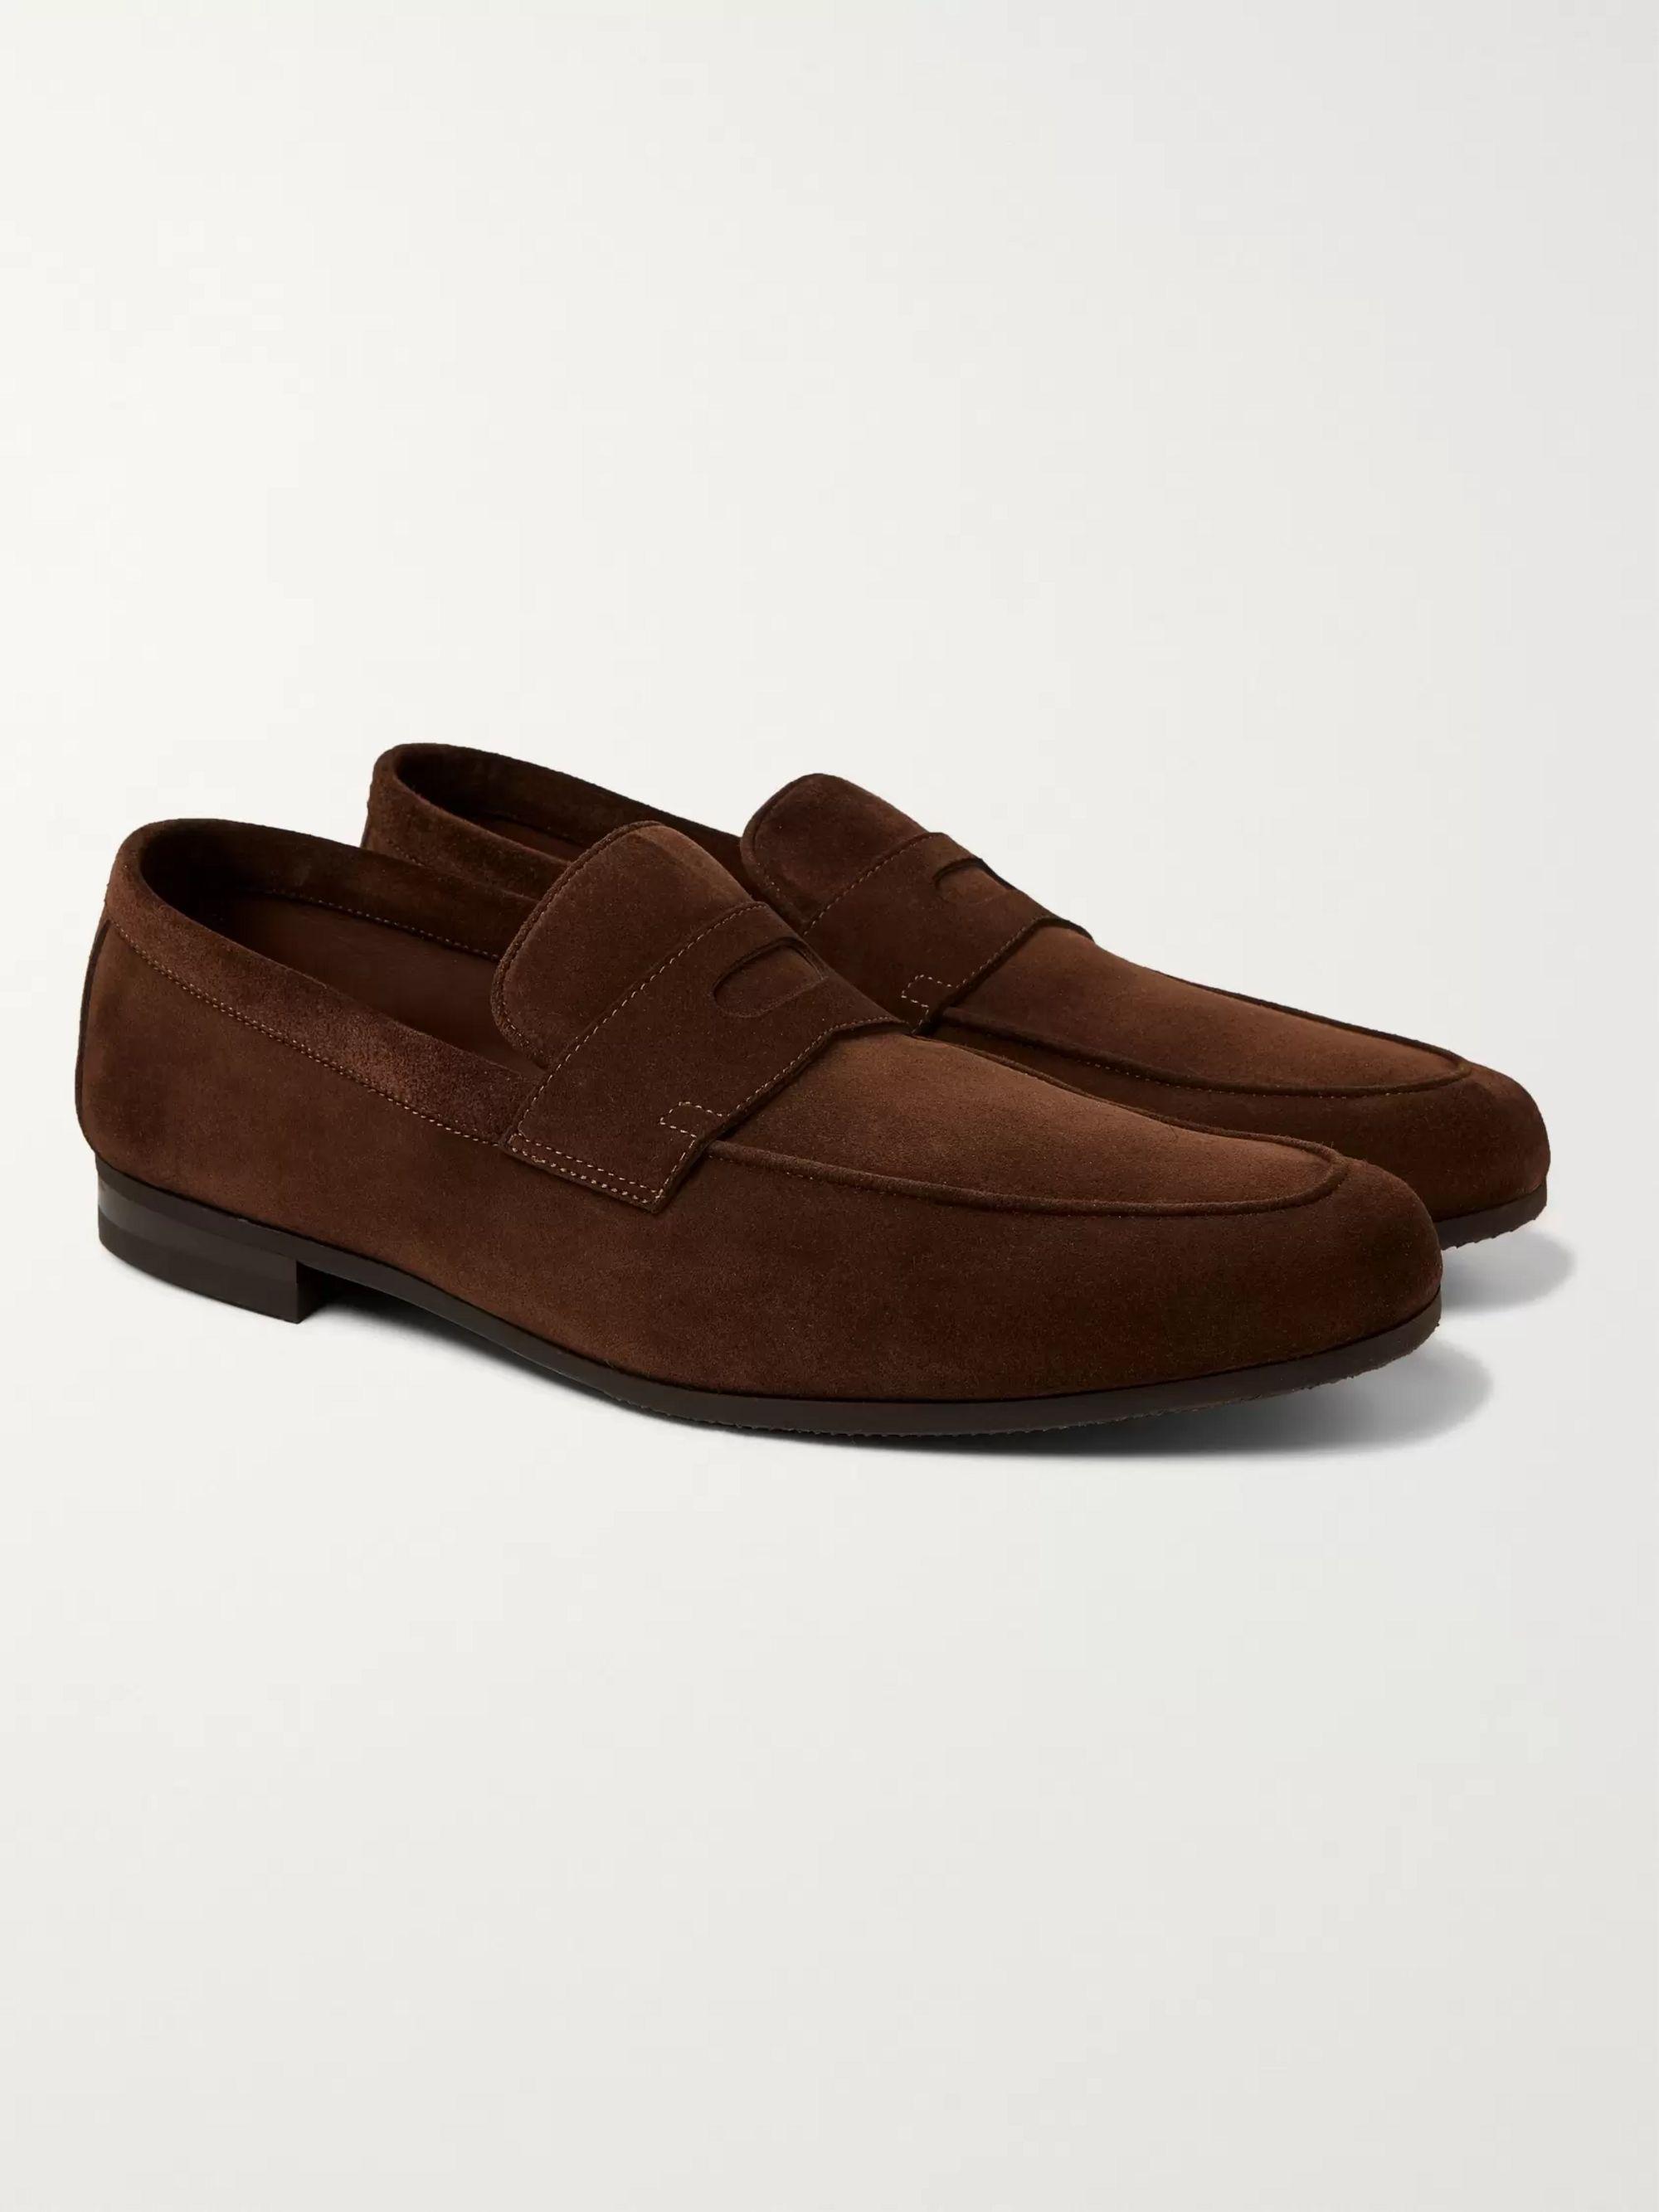 john lobb suede shoes